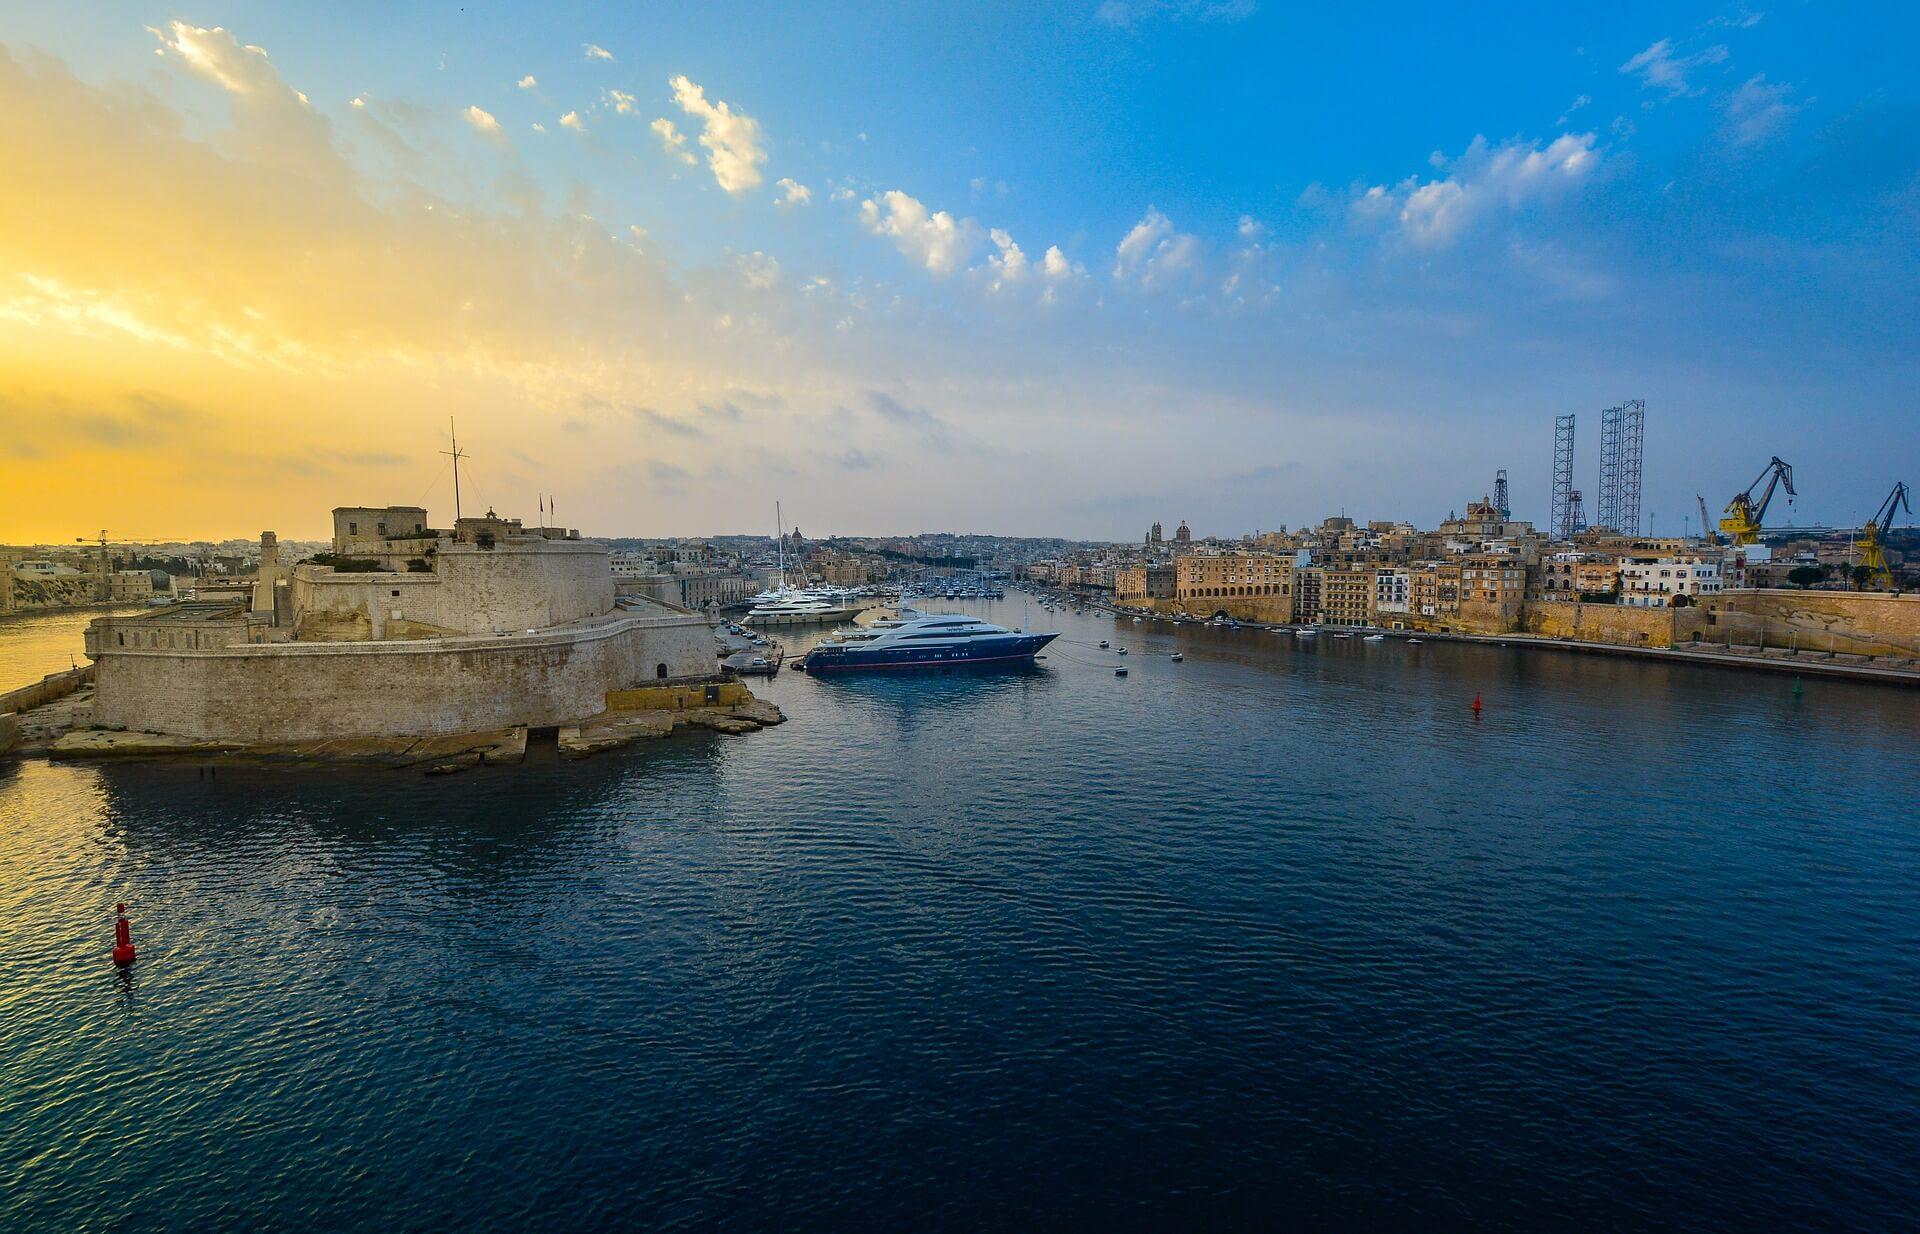 Direktflüge und Billigflüge nach Malta